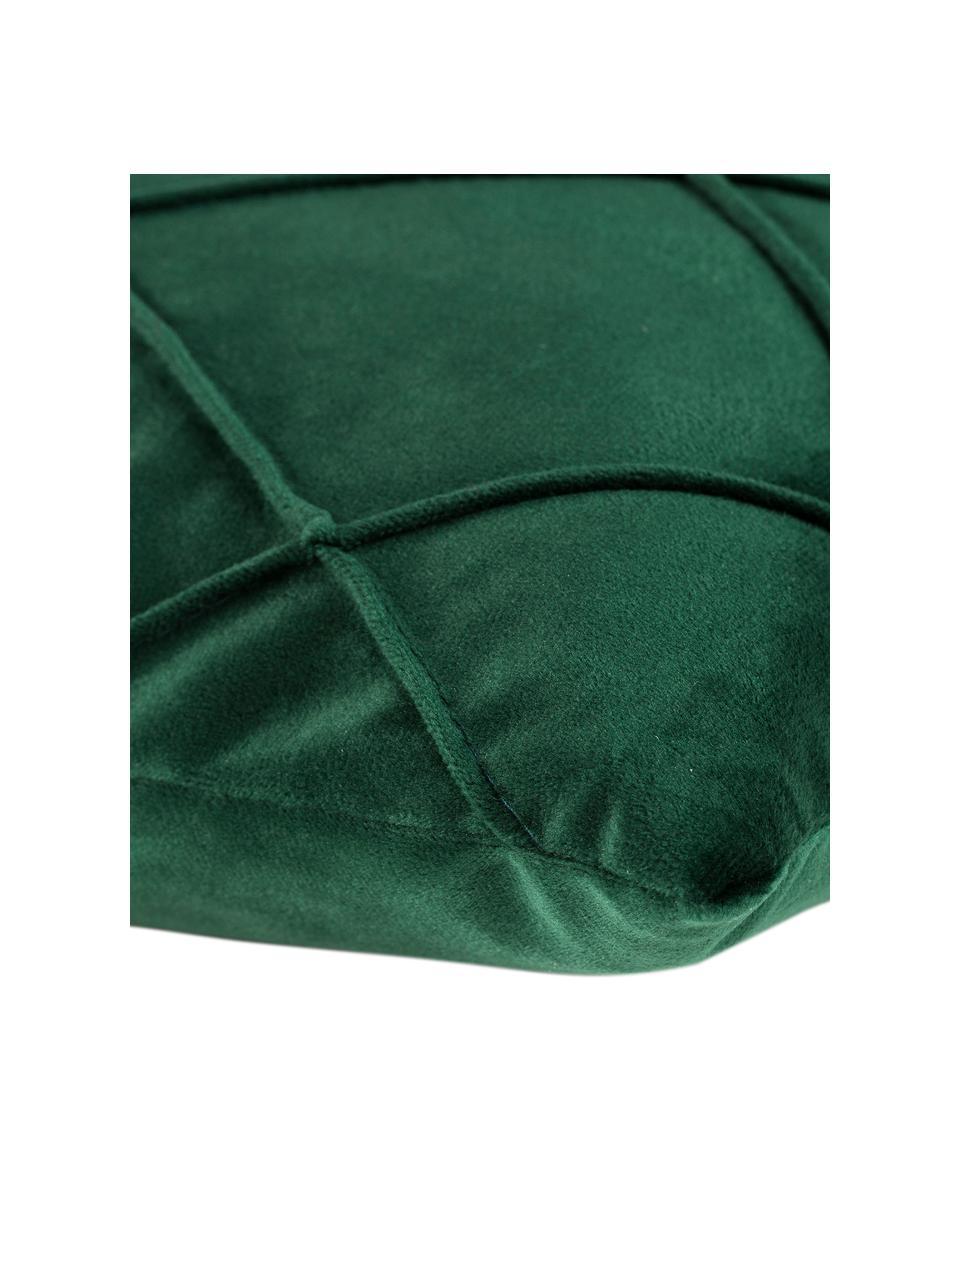 Samt-Kissenhülle Nobless in Grün mit erhabenem Rautenmuster, 100% Polyestersamt, Grün, 50 x 50 cm